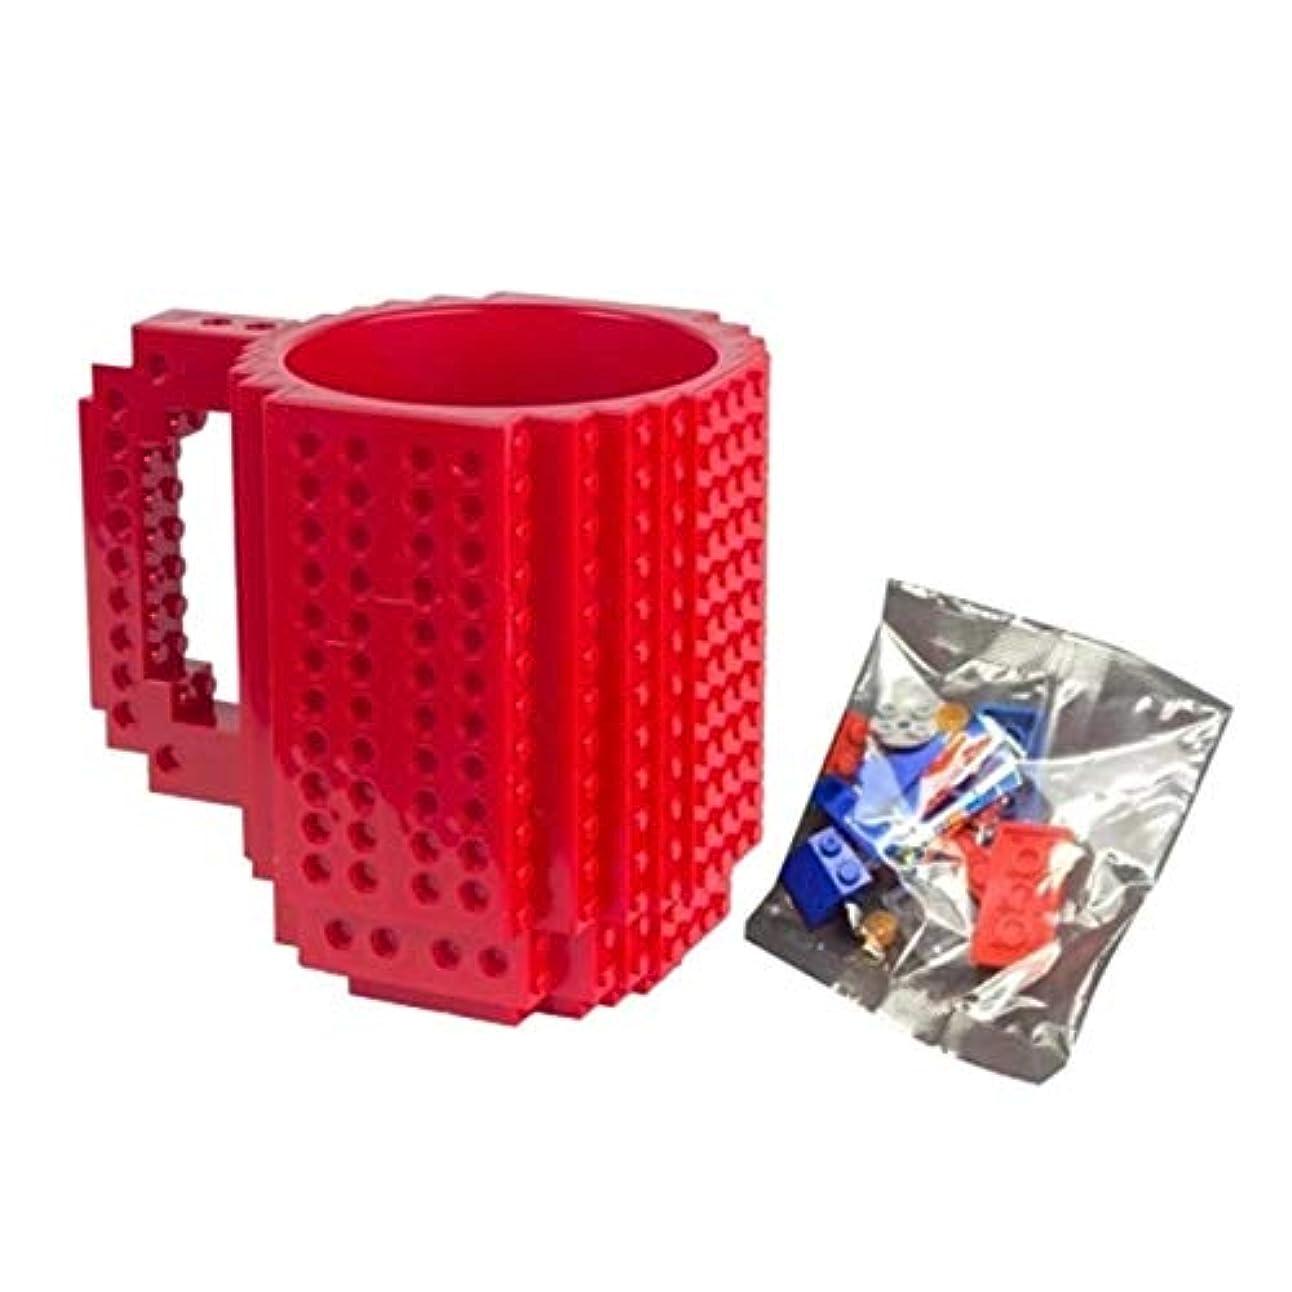 ケニア免除切り離すSaikogoods レンガマグカップDIY?ビルディング?ブロックのコーヒーカップを構築 赤